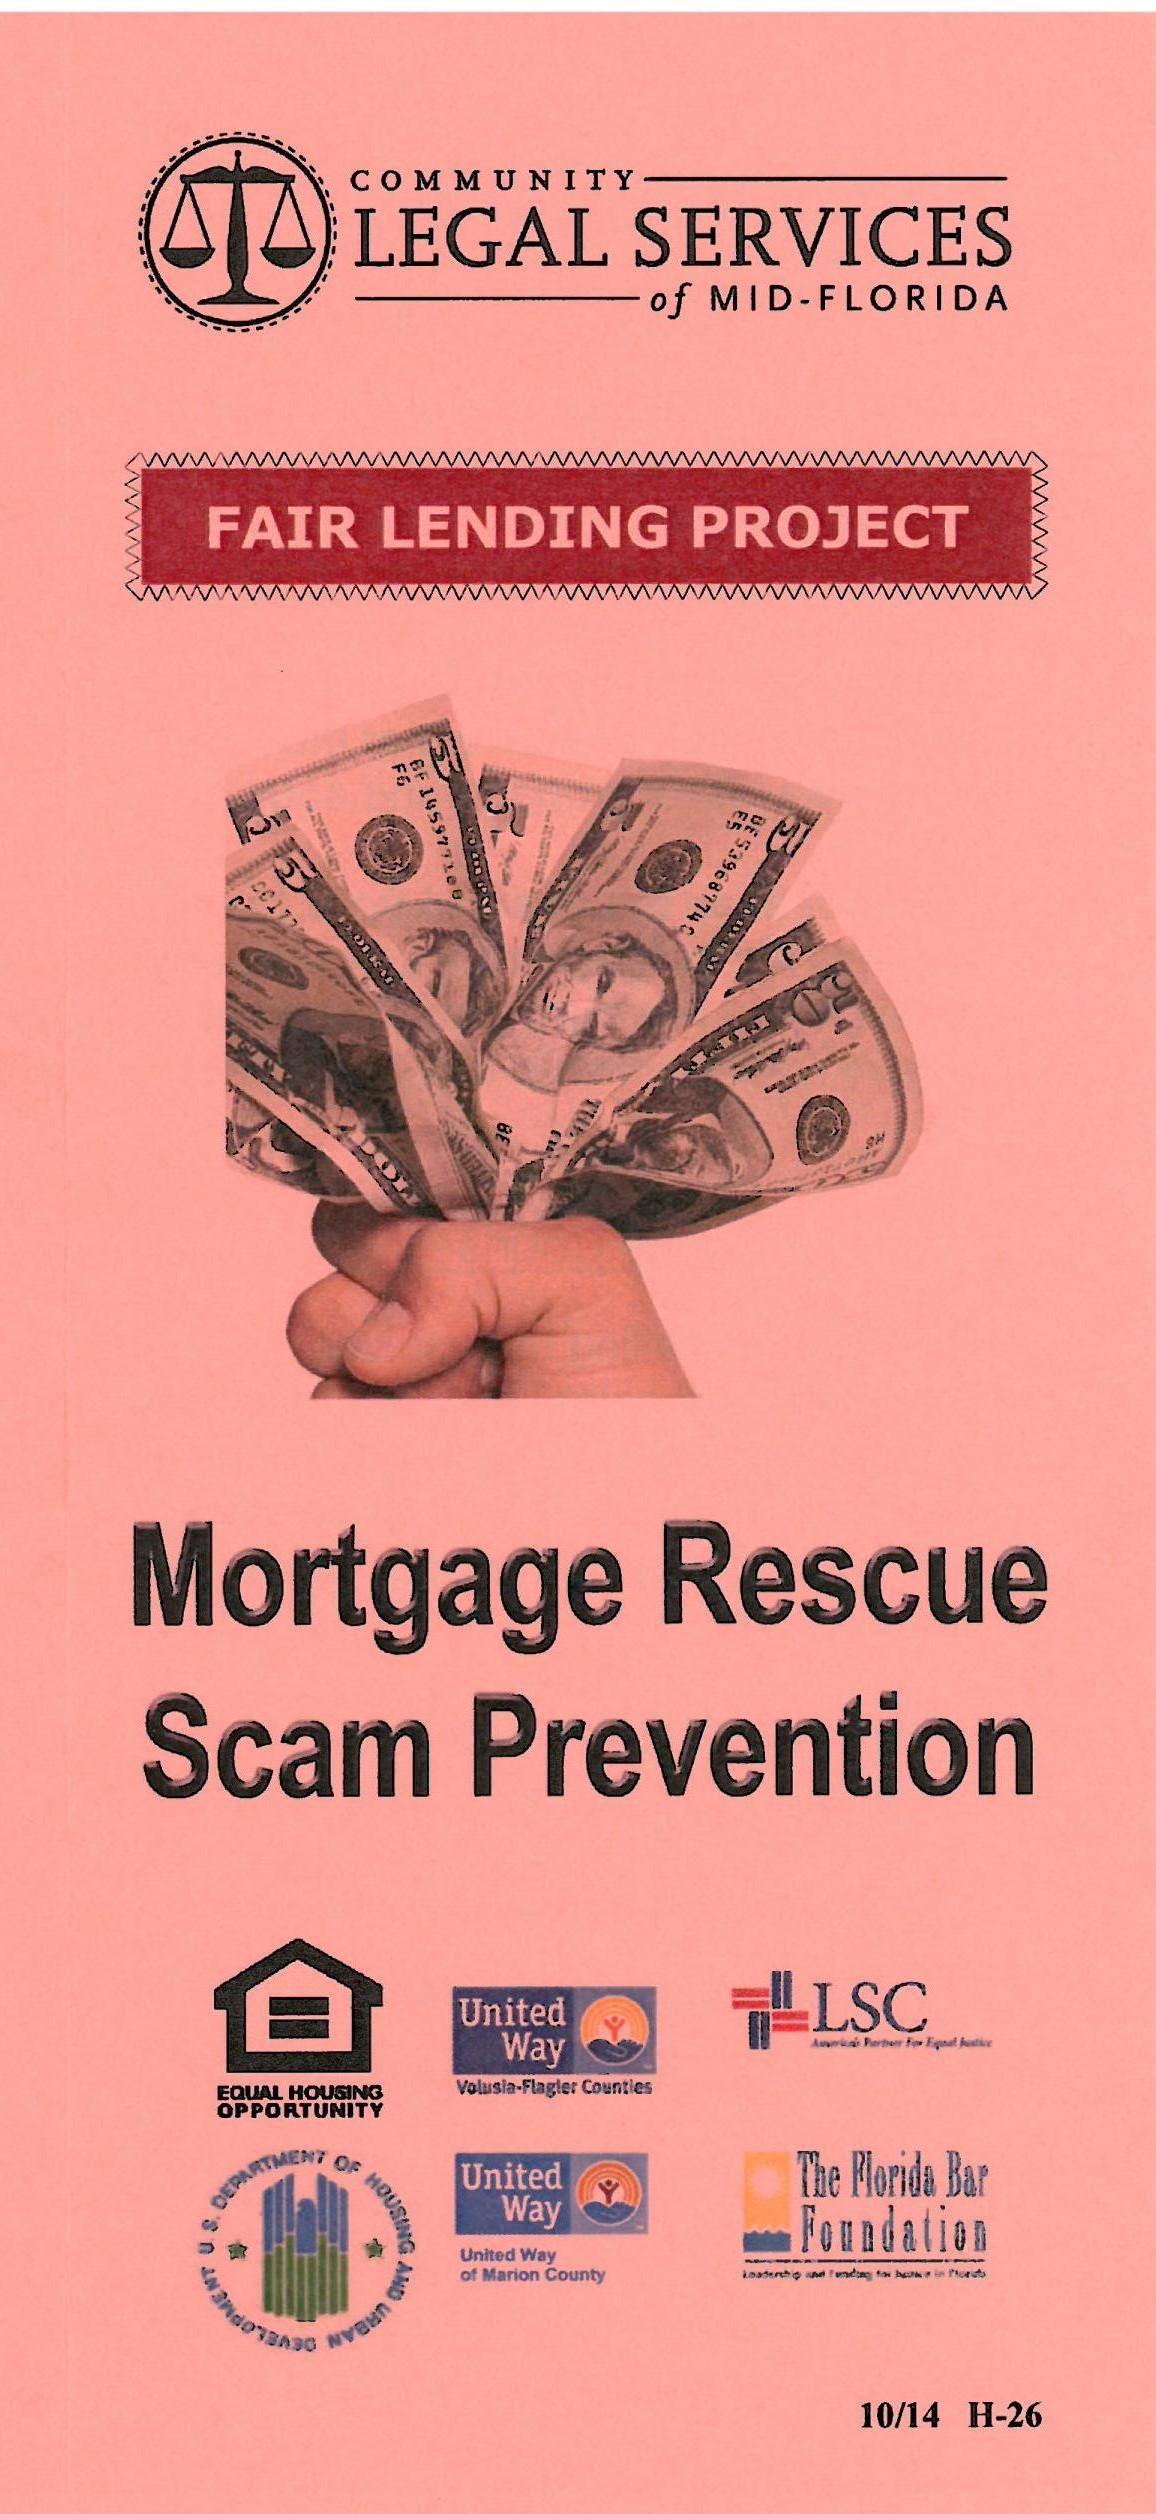 Mortgage Rescue Scam Prevention